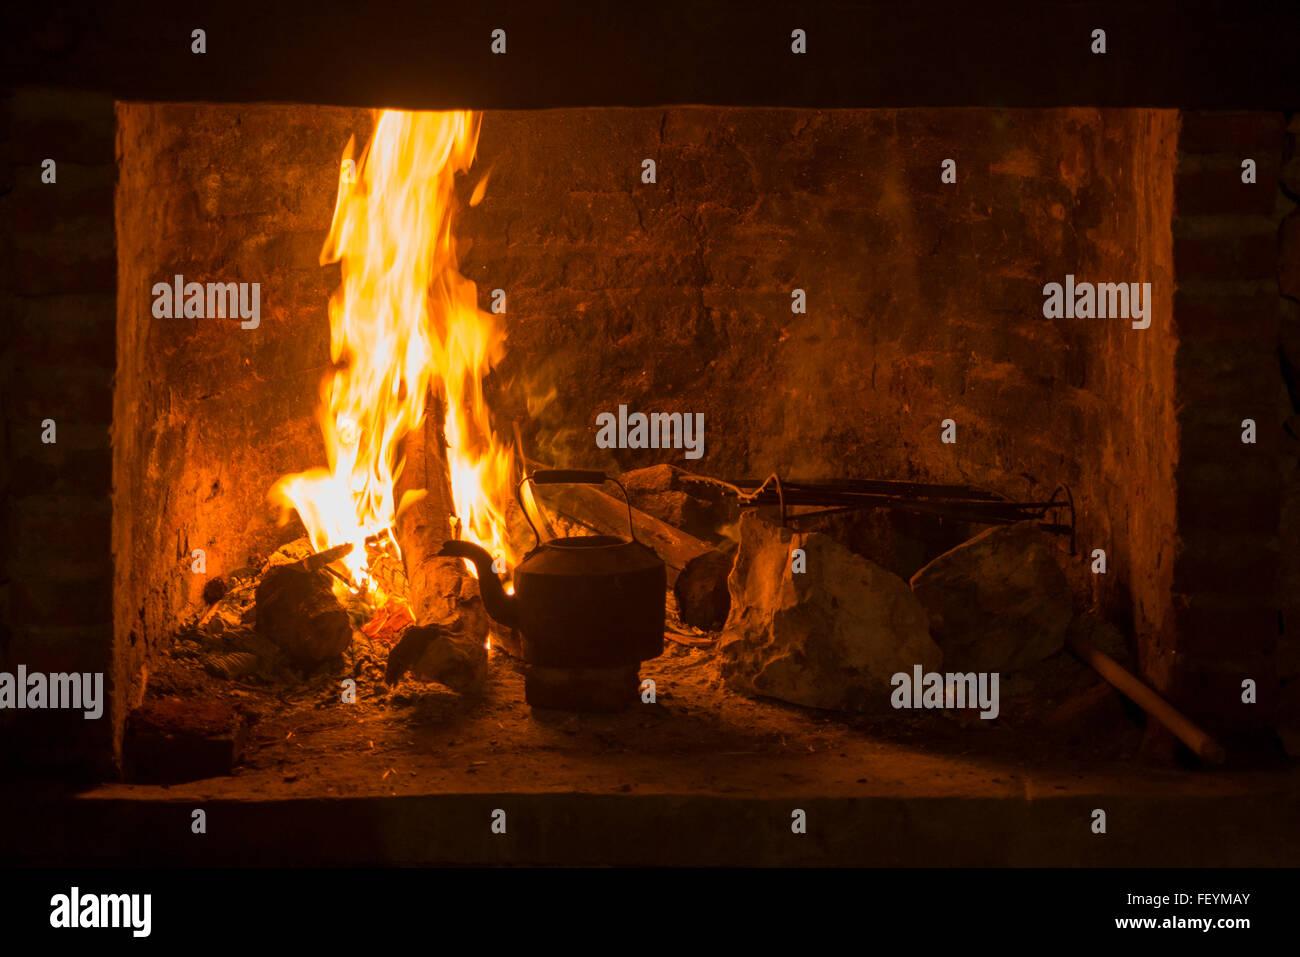 Wood Burning Stove Cabin Stock Photos Amp Wood Burning Stove